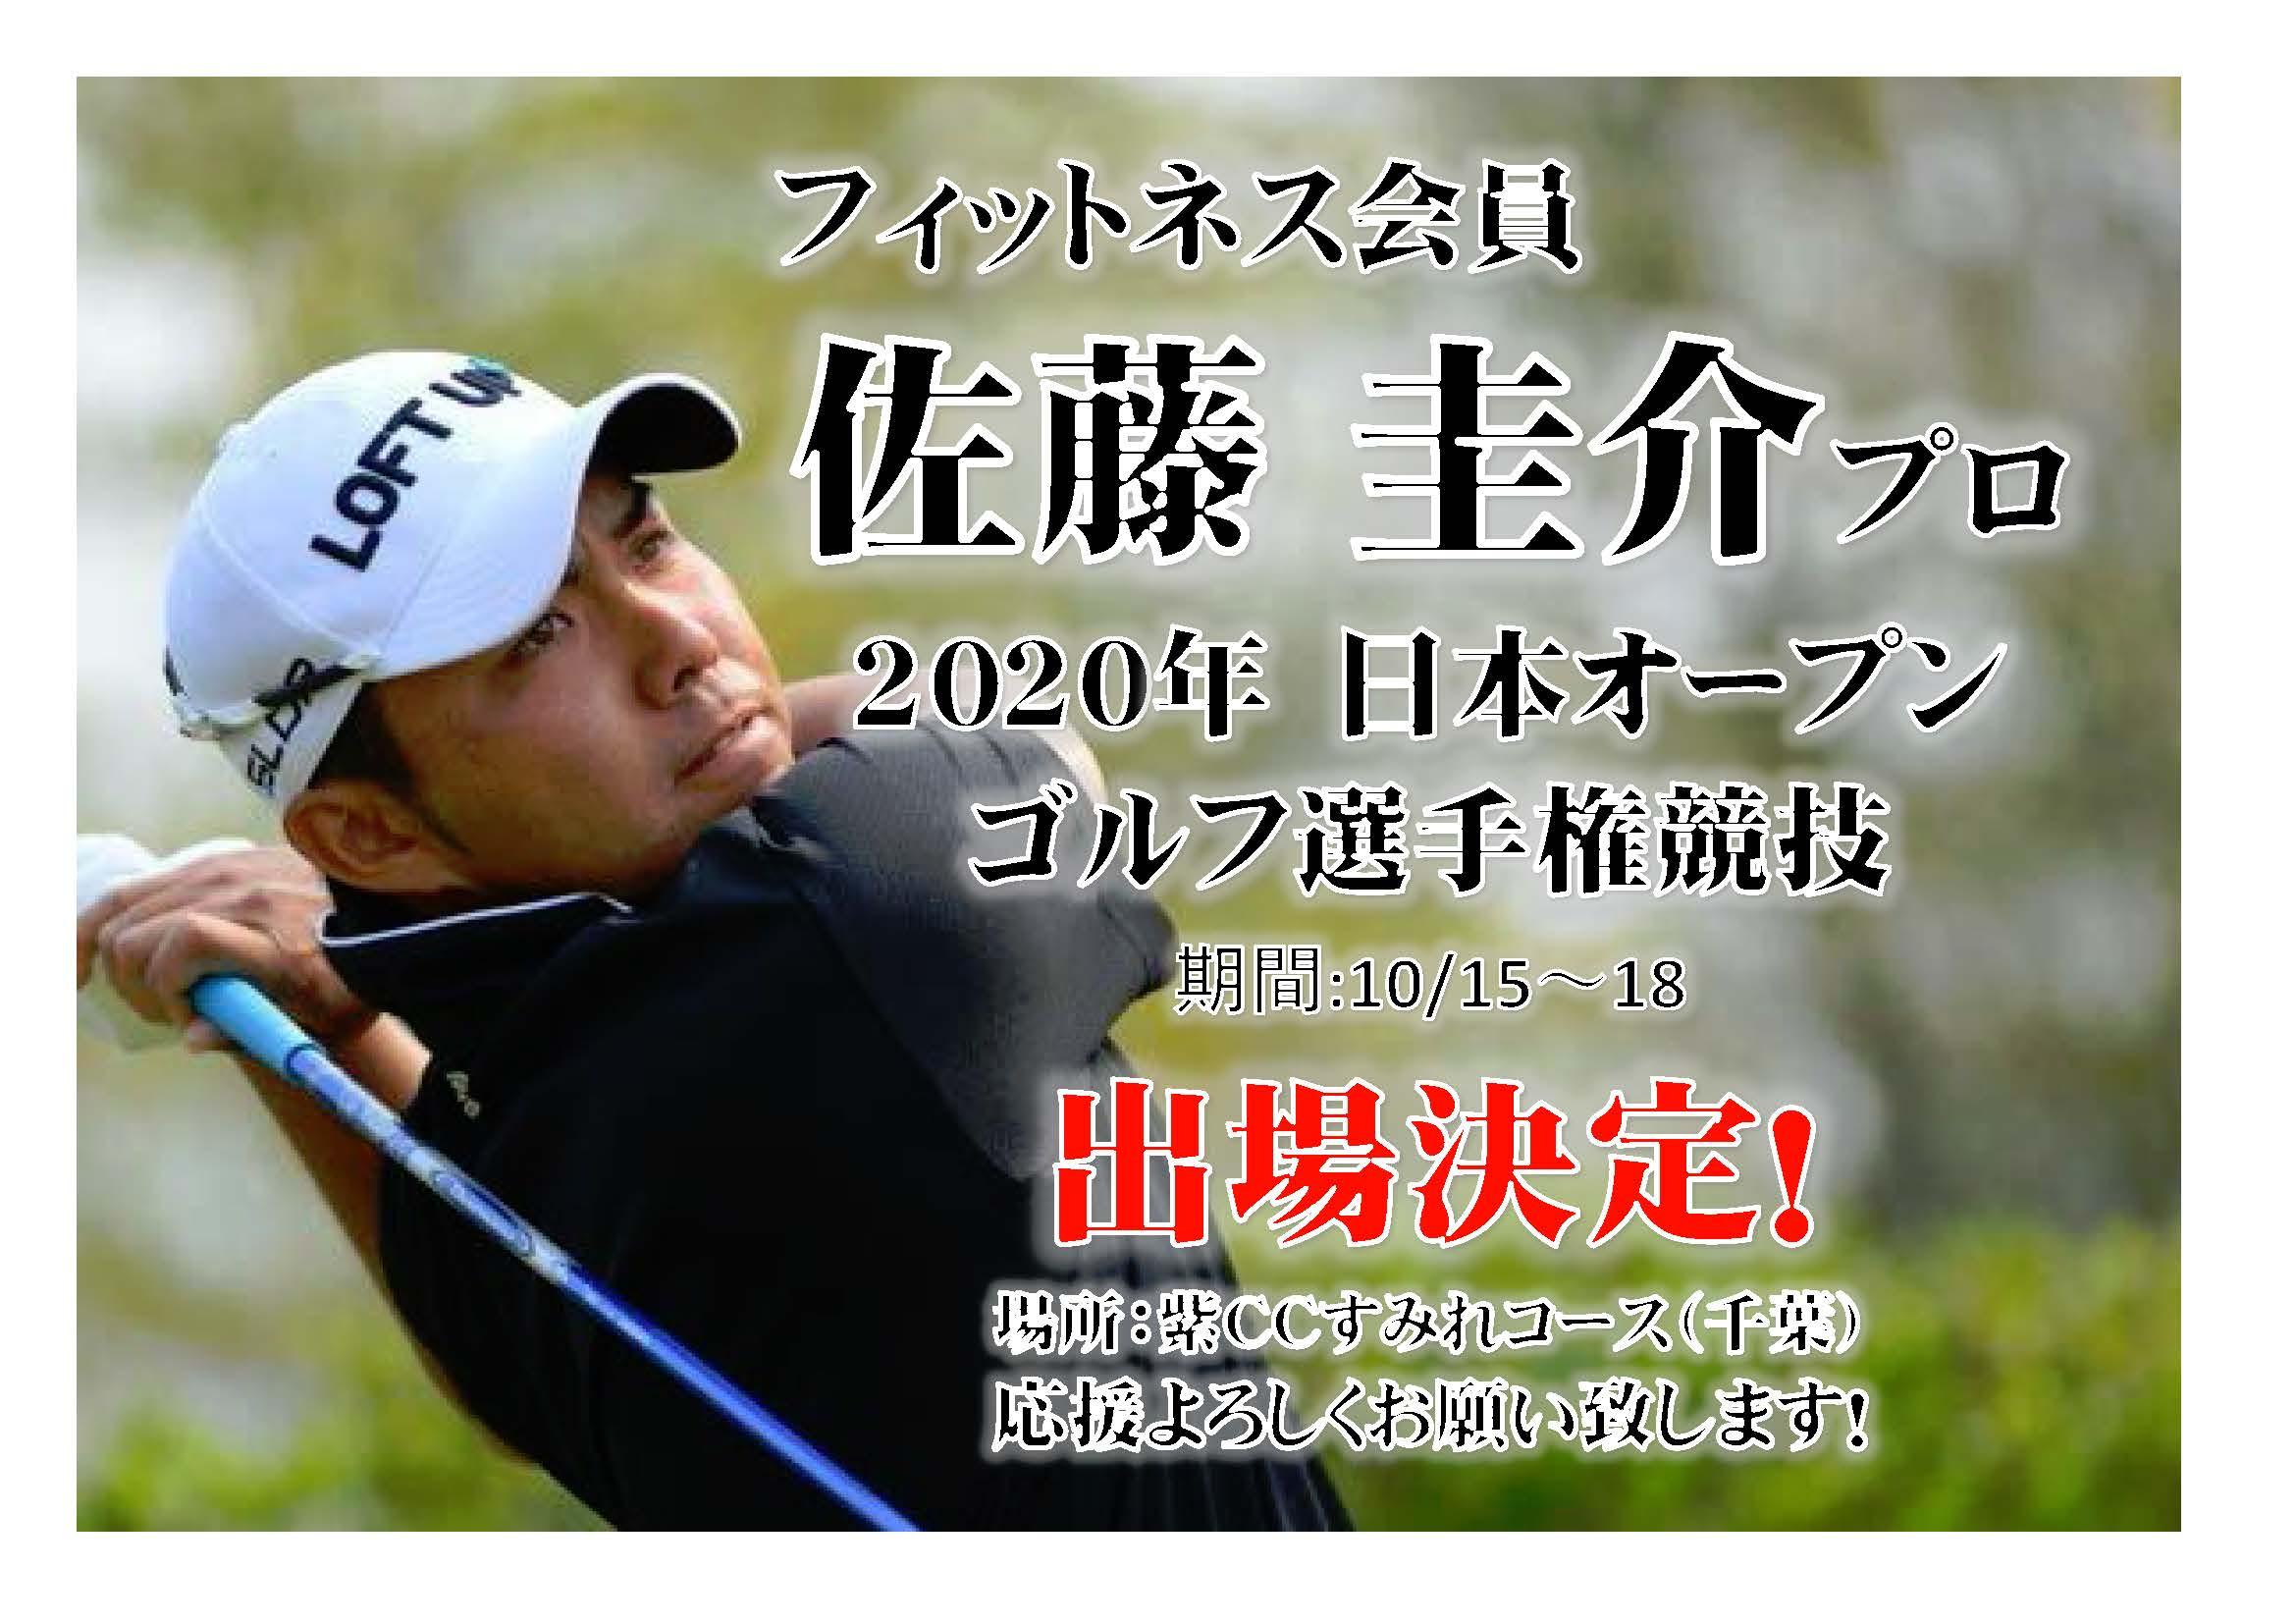 2020 日本 オープン